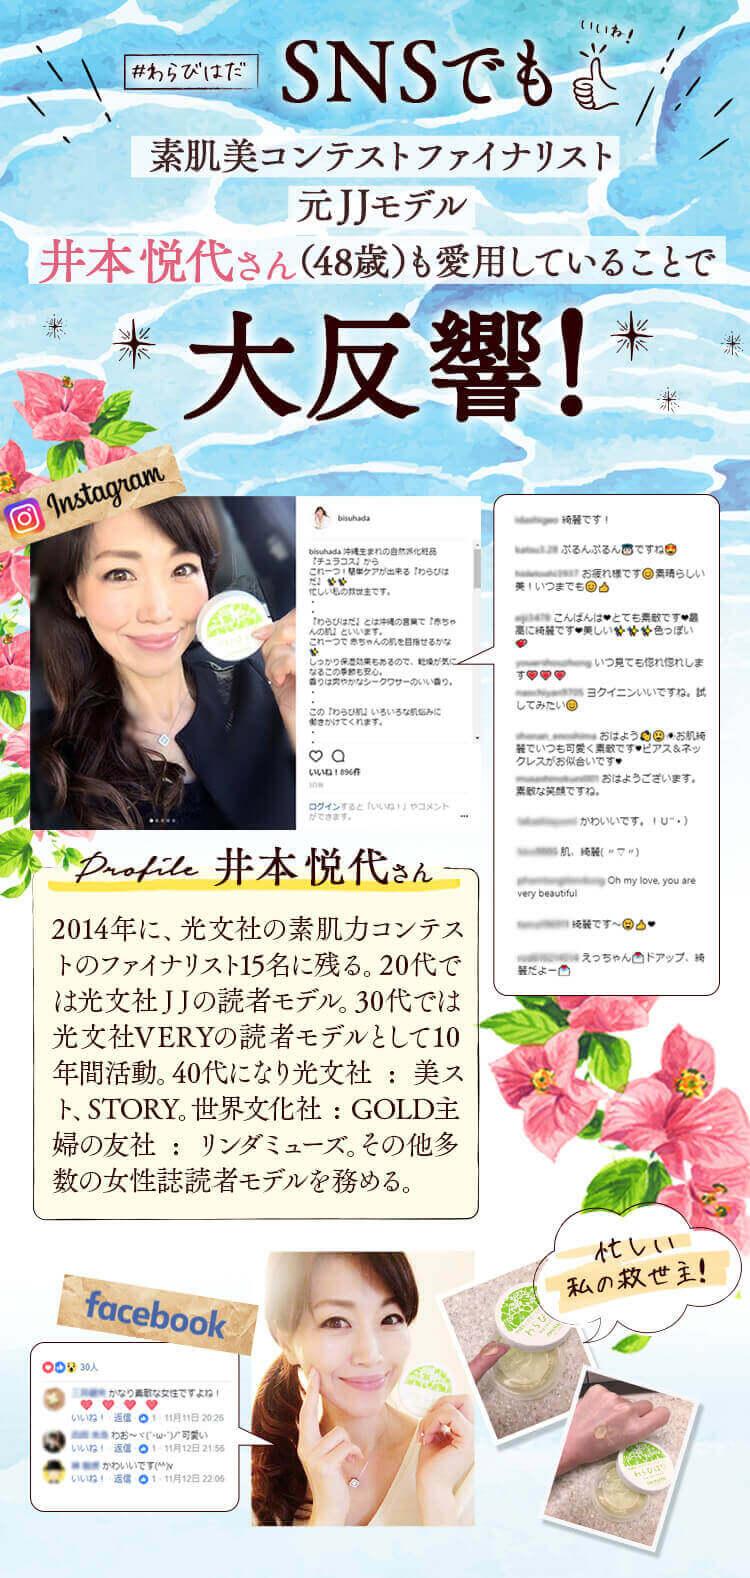 素肌美コンテストファイナリスト 元JJモデル井本悦代さん(48歳)も愛用していることで大反響!